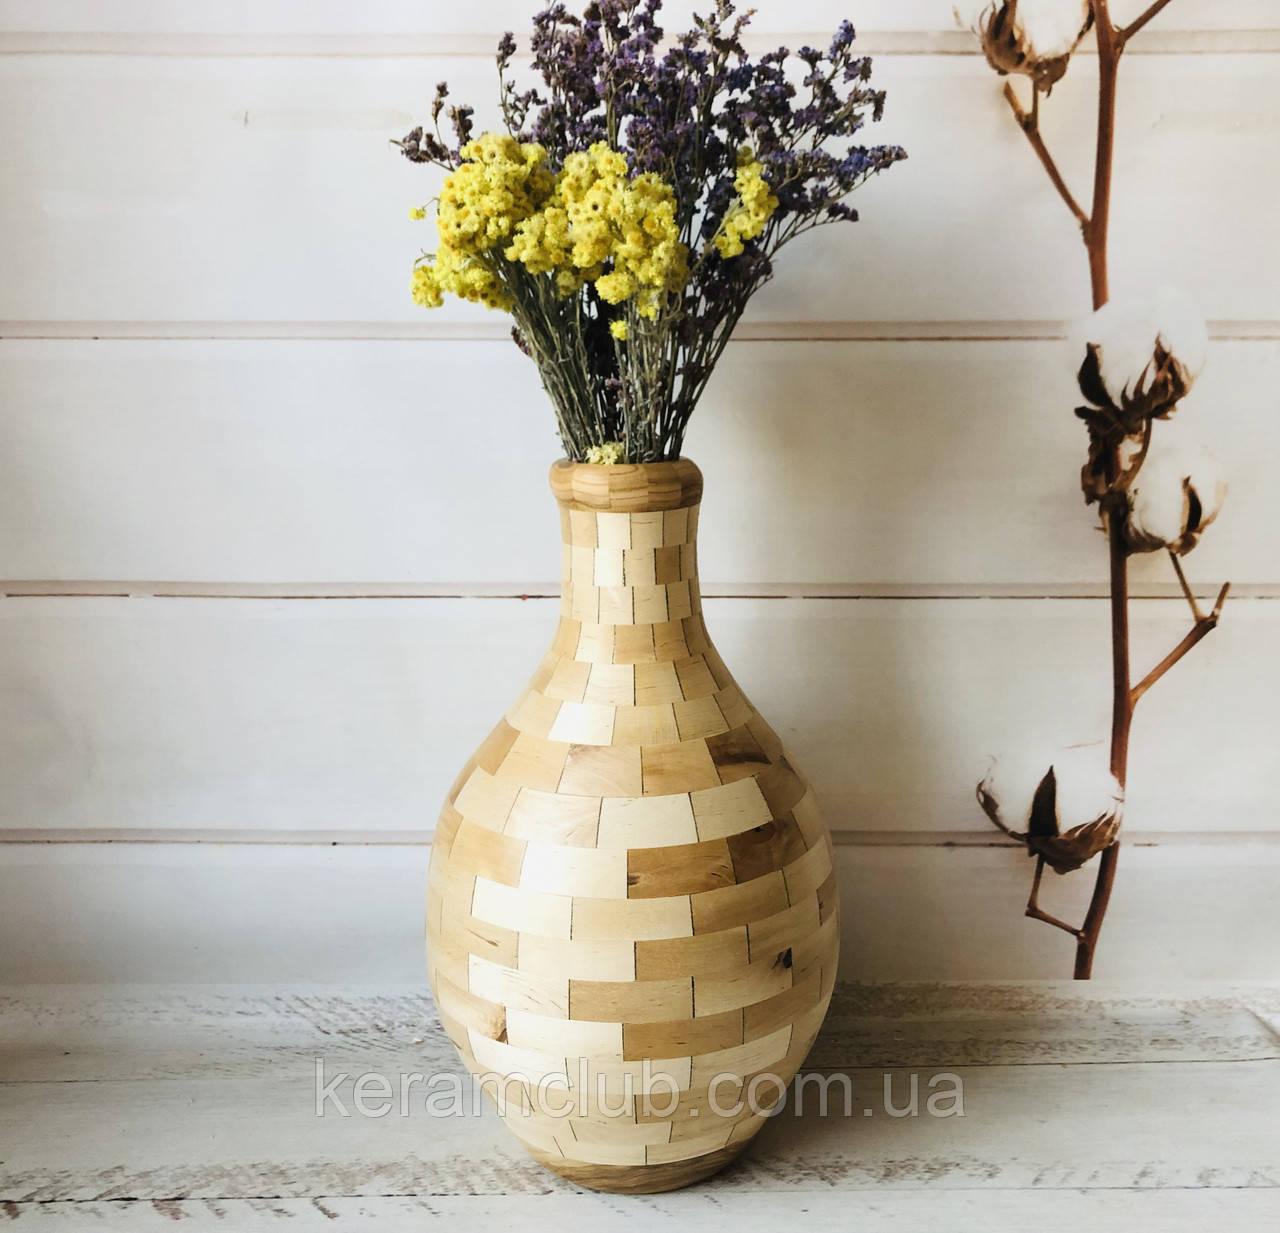 Деревянная ваза из берёзы h 40 см